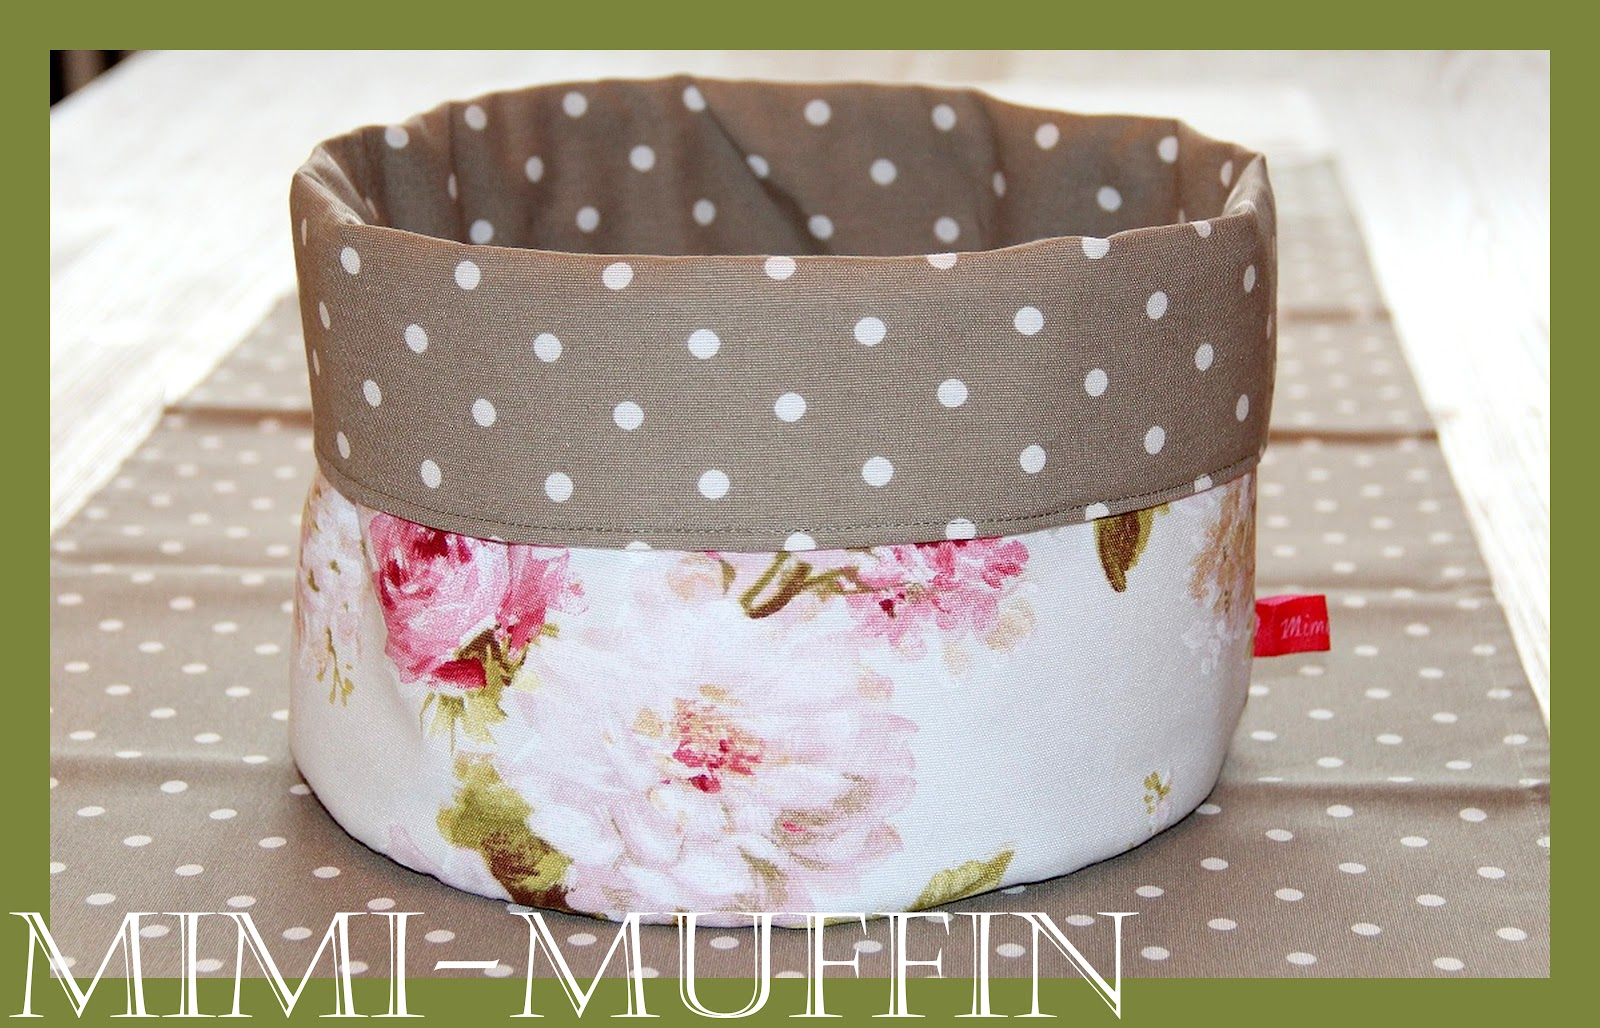 Mimi muffin ein romantisches utensilo - Piratenzimmer deko ...